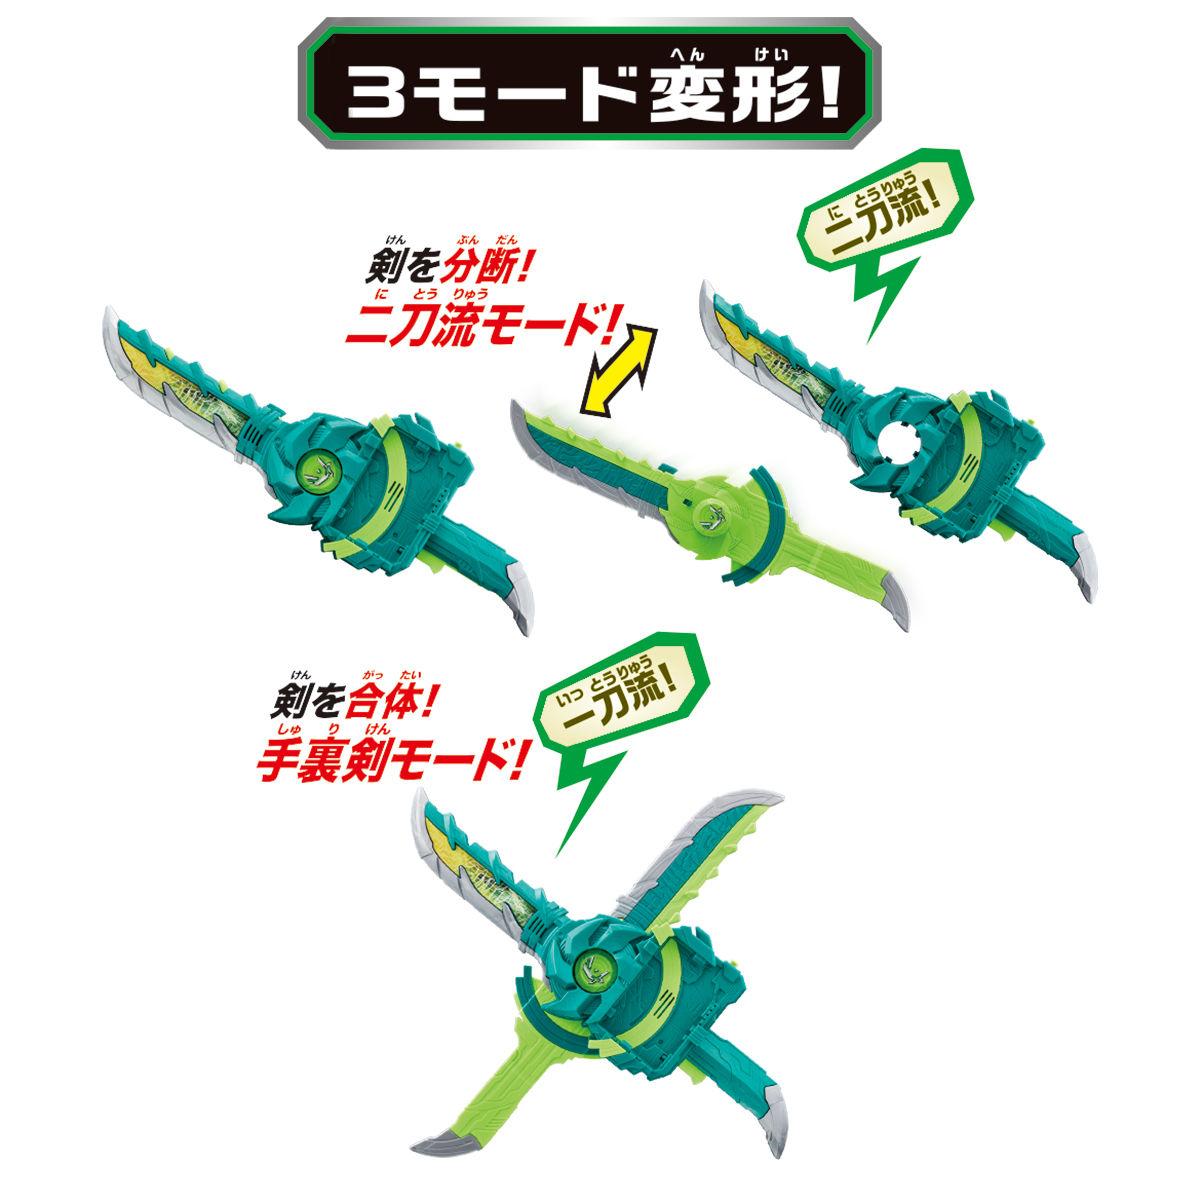 変身聖剣『DX風双剣翠風』仮面ライダー剣斬 変身なりきり-008